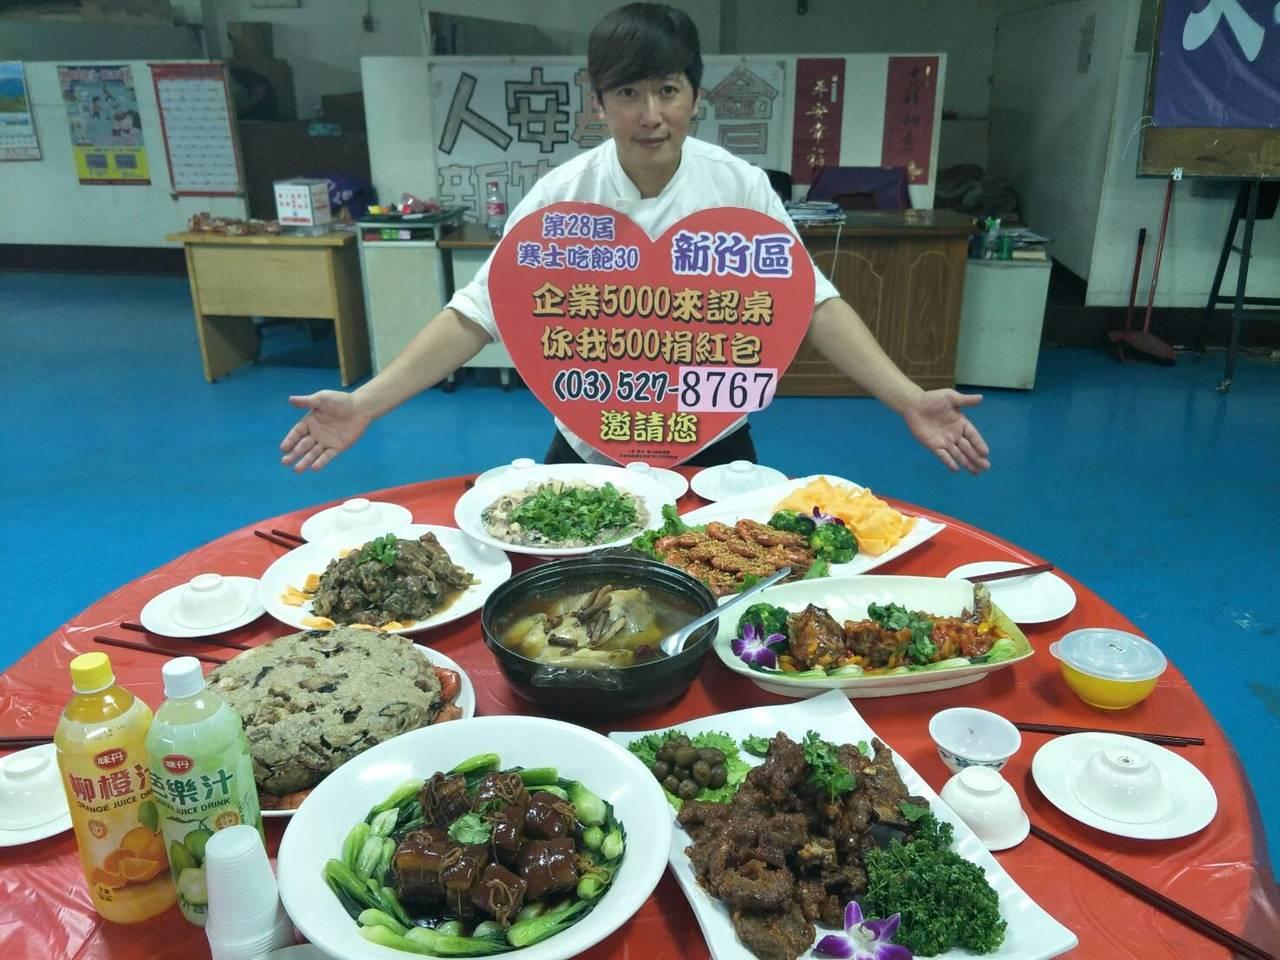 朱志弦料理11道佳餚,讓寒士暖胃。圖/林俊智提供